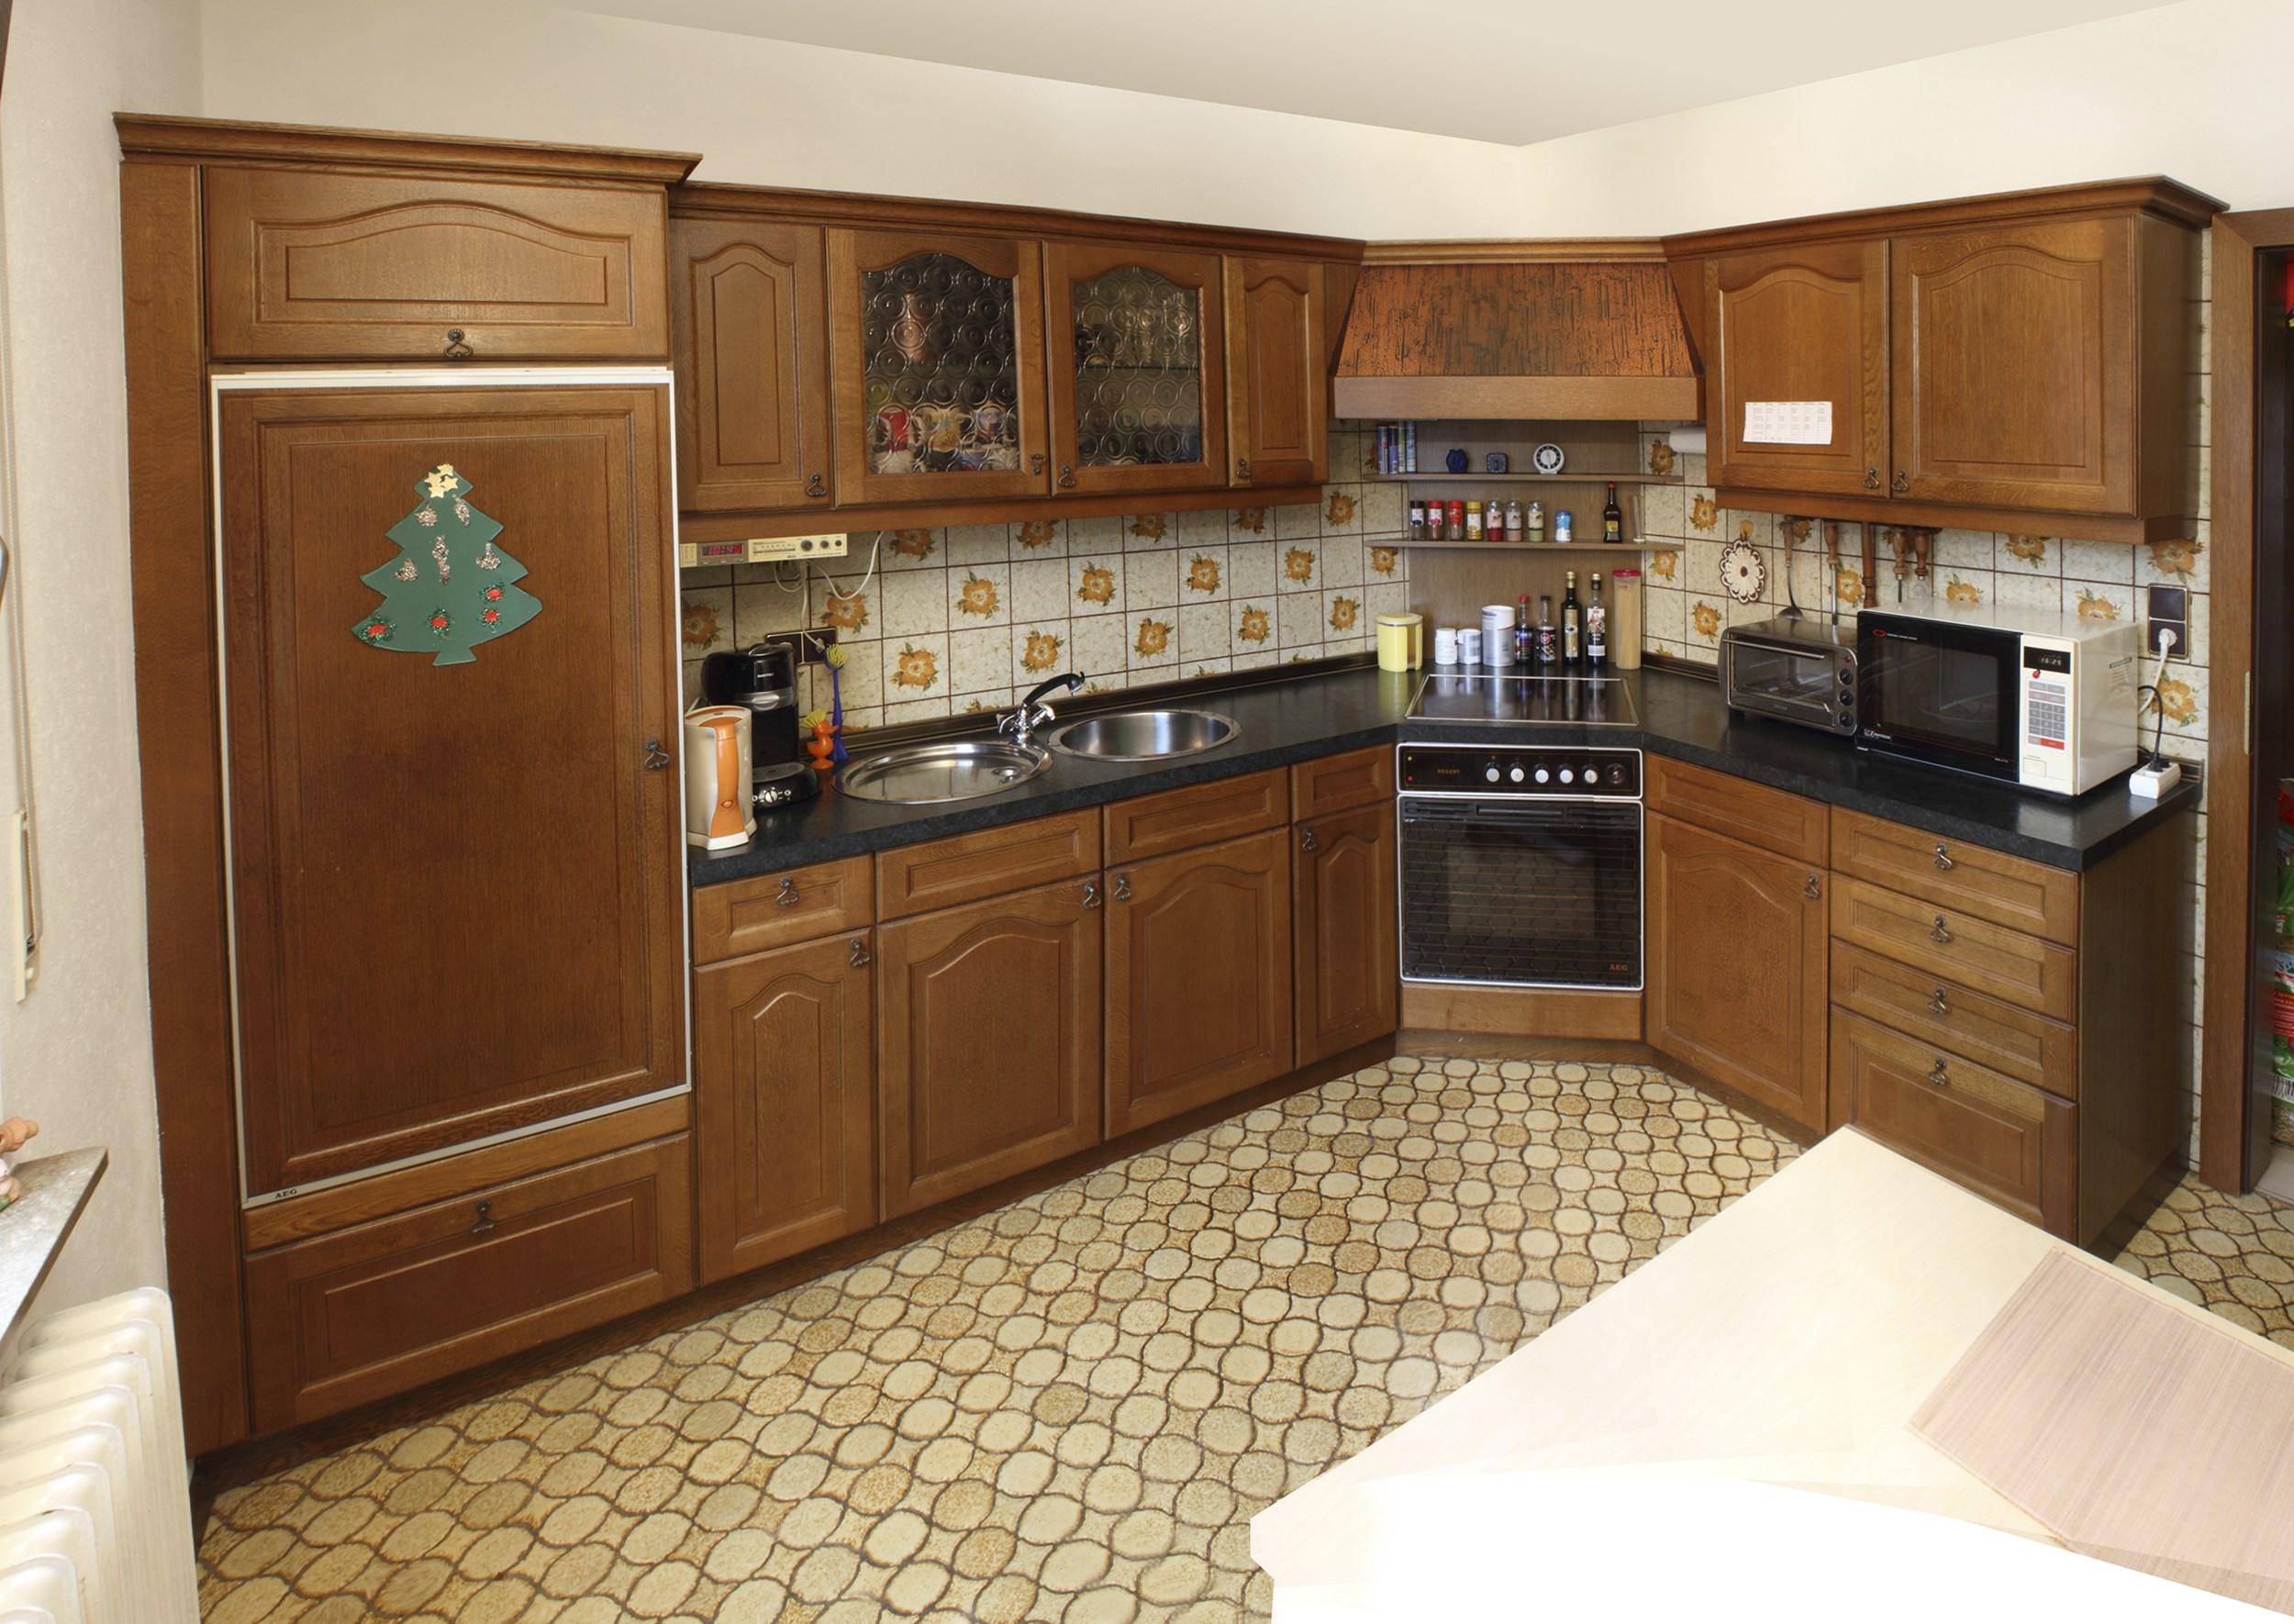 kundenbeispiele k chenrenovierung portas renovierung. Black Bedroom Furniture Sets. Home Design Ideas